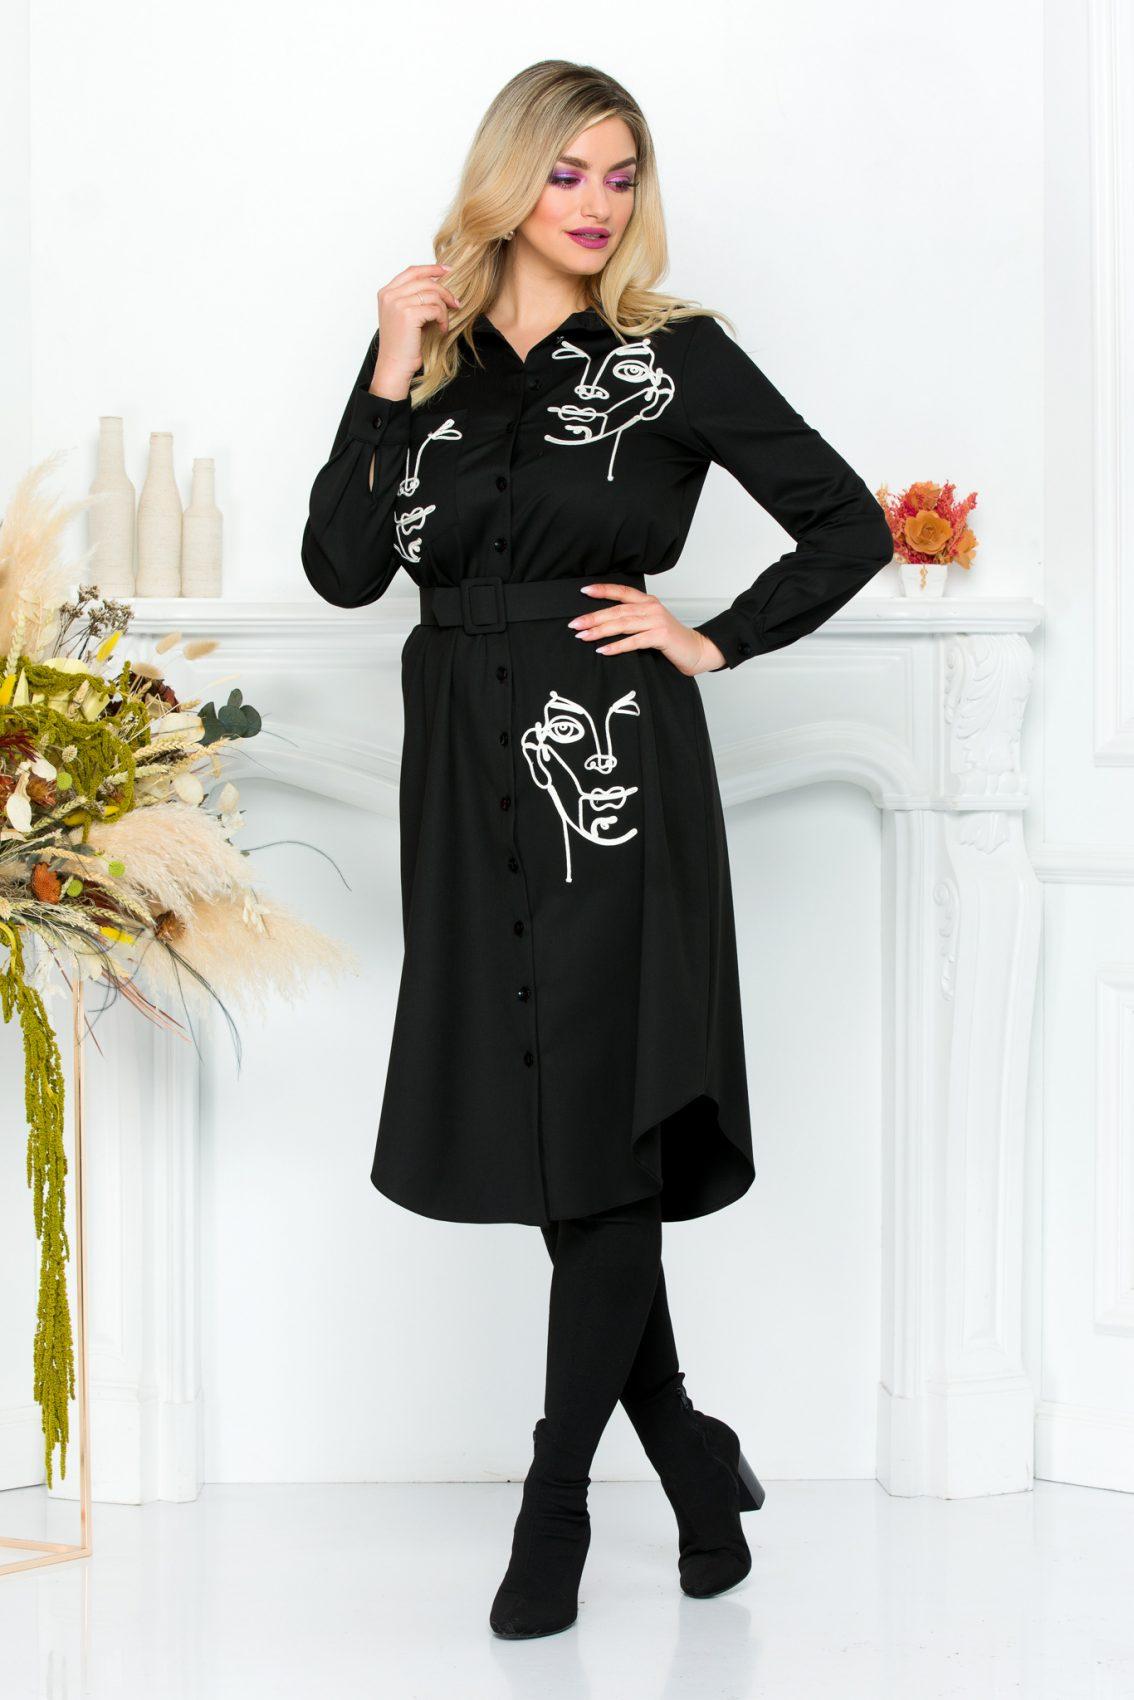 Μαύρο Φόρεμα Σε Στυλ Πουκάμισο River 9286 2